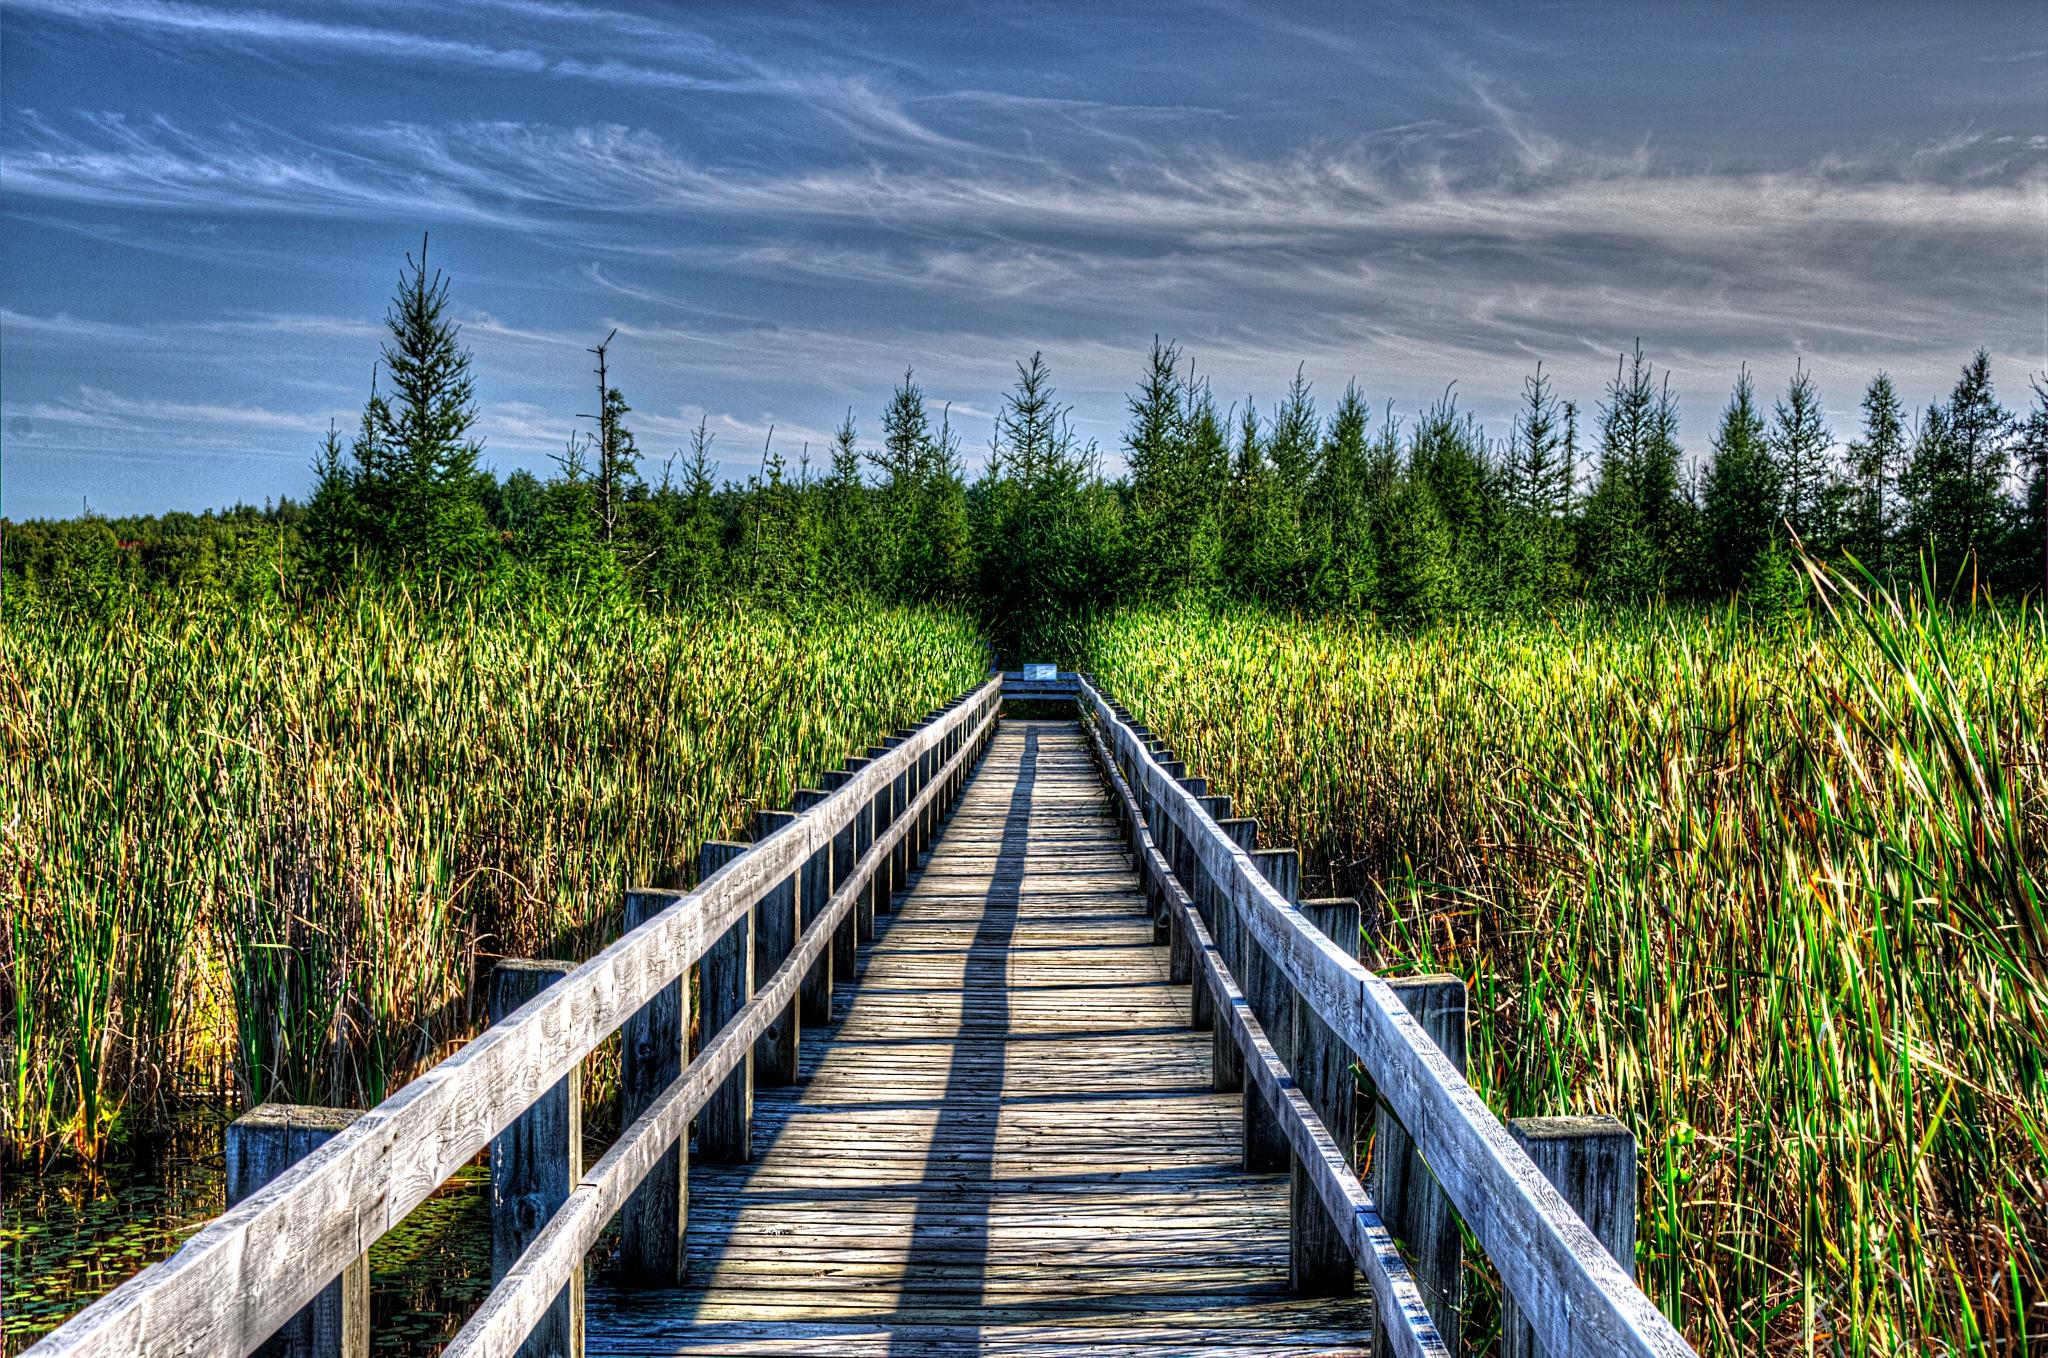 Afternoon On The Boardwalk by Paul Deveau